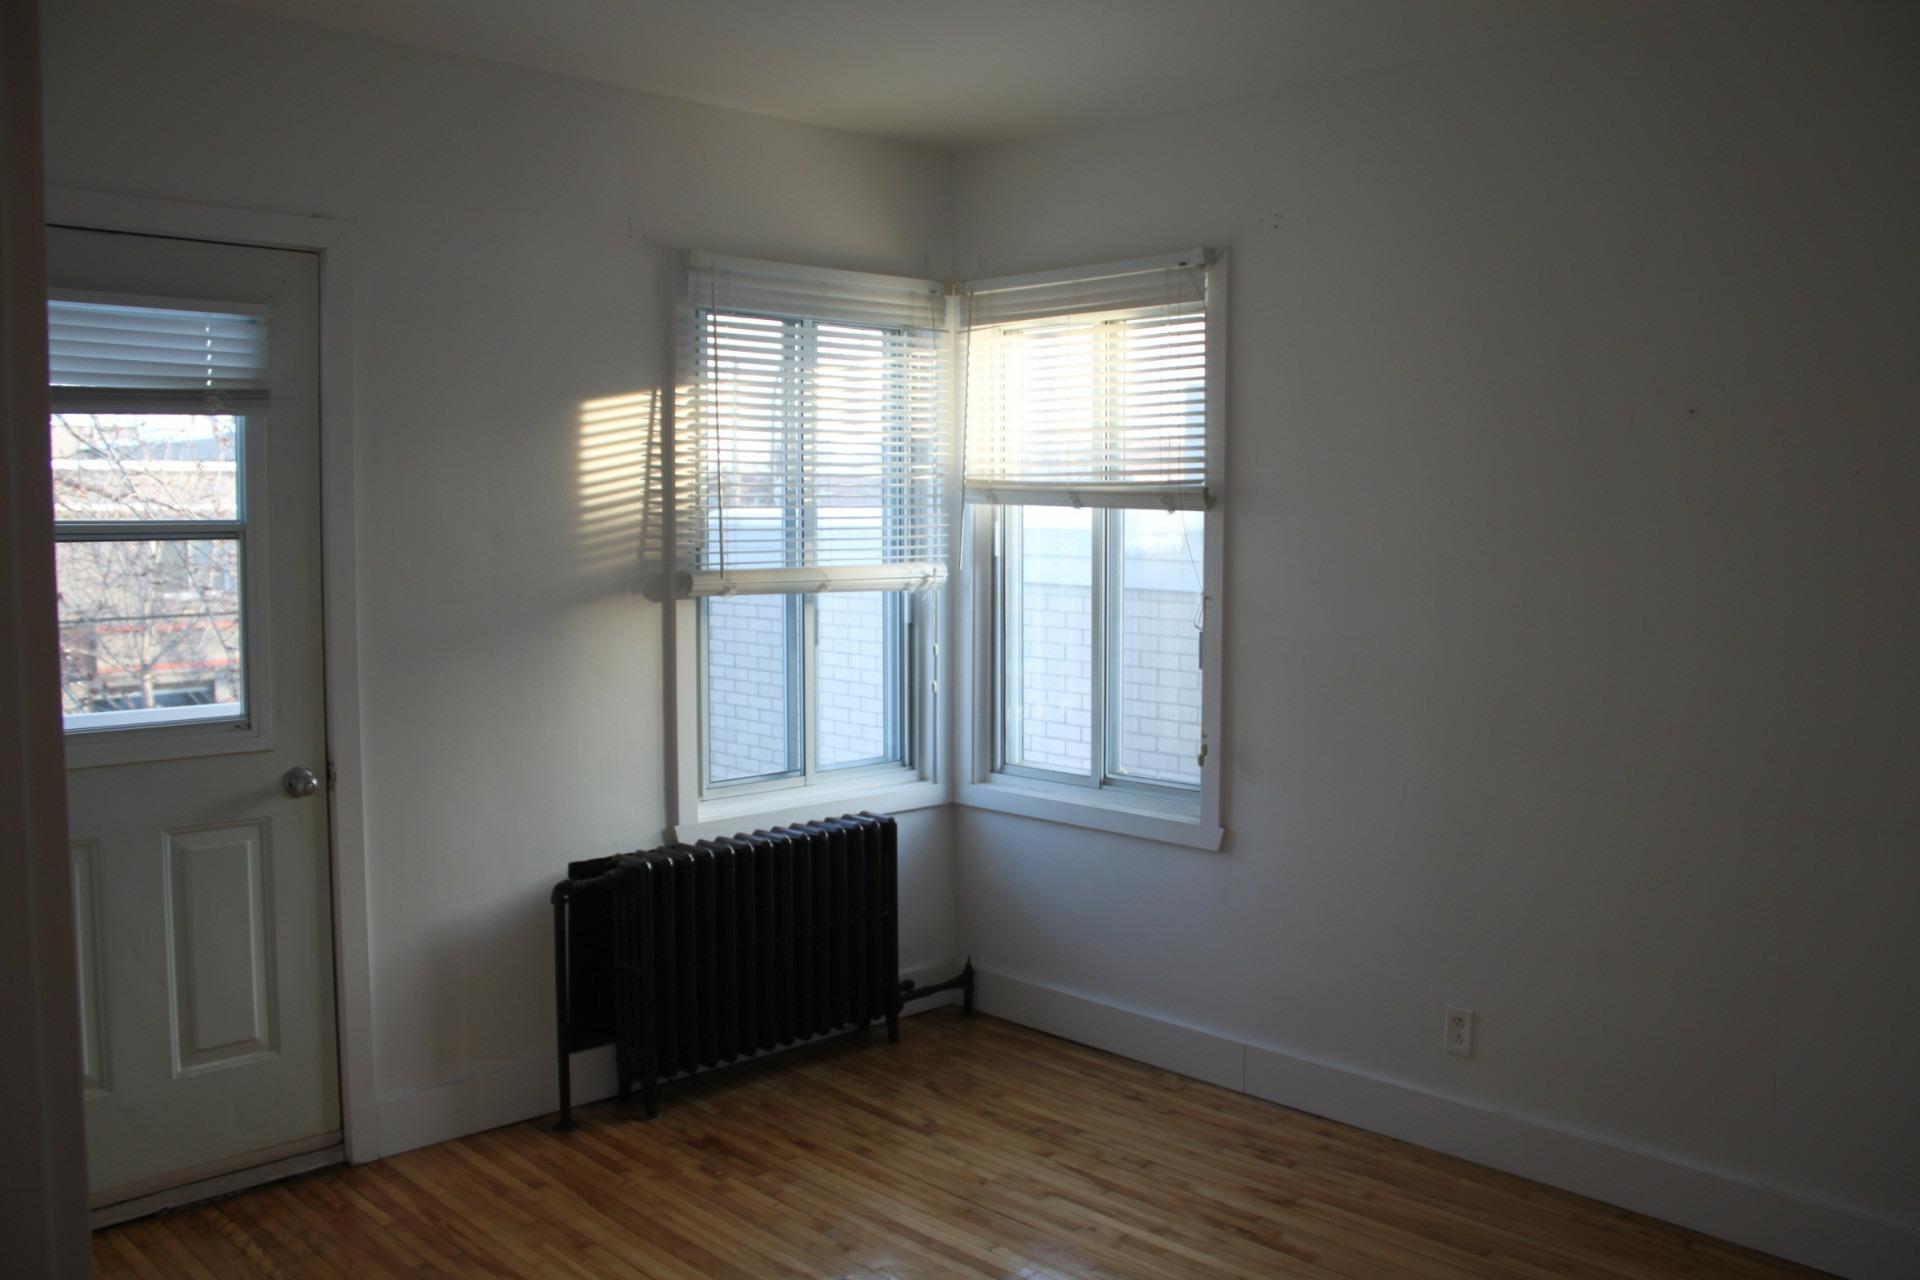 image 3 - Apartment For rent Montréal Mercier - 3 rooms